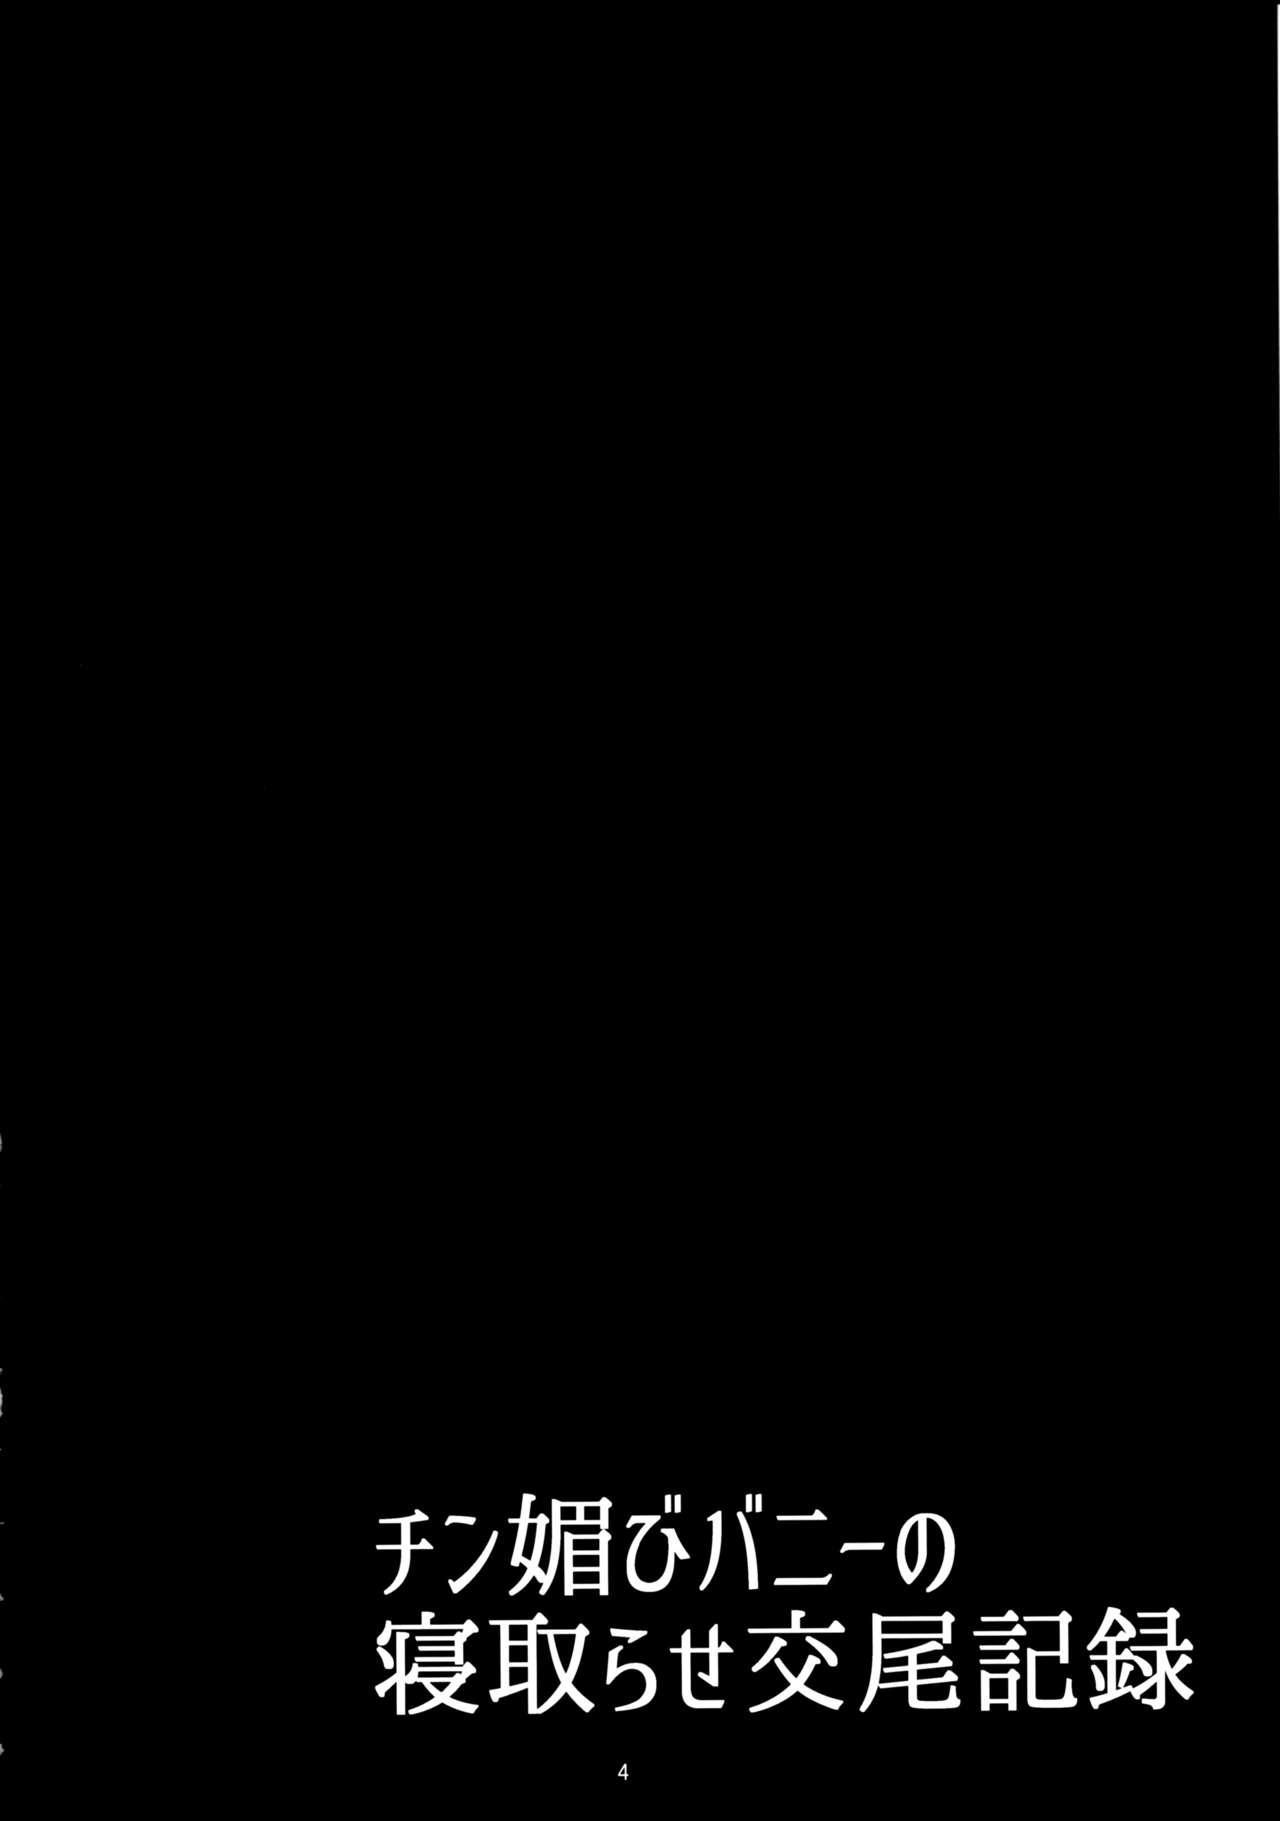 Chin Kobi Bunny no Netorase Koubi Kiroku 2